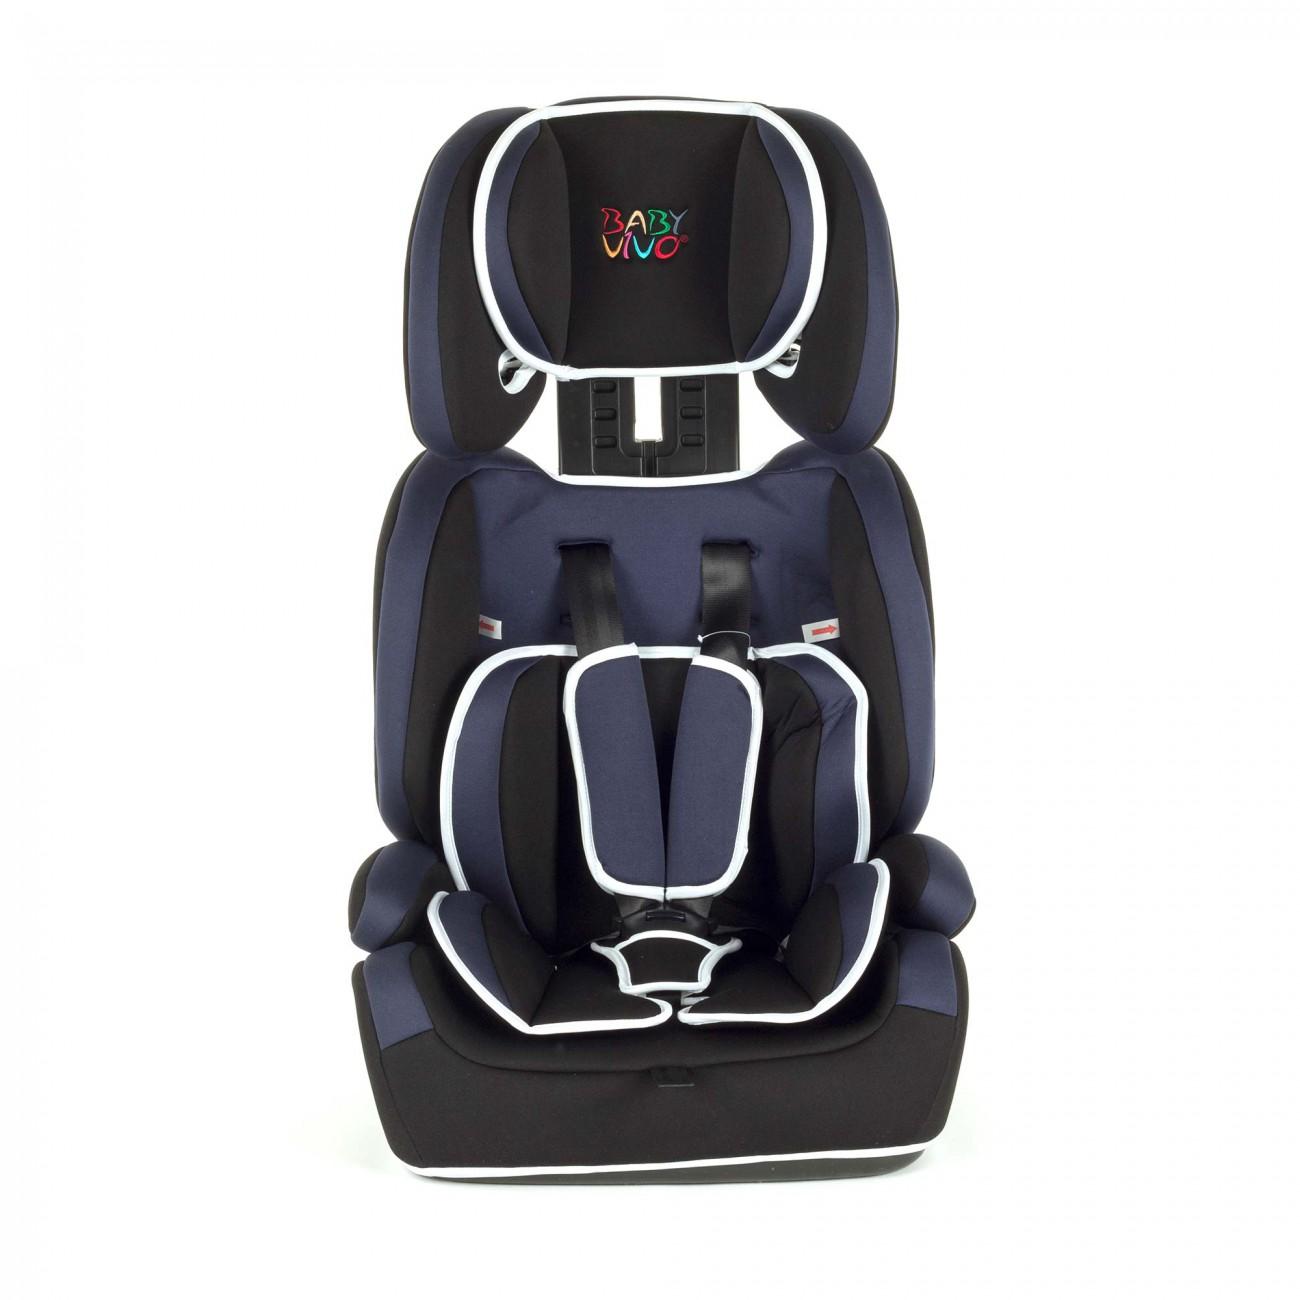 si ge auto bebe enfants 9 36 kg tom groupe 1 2 3 i ii. Black Bedroom Furniture Sets. Home Design Ideas